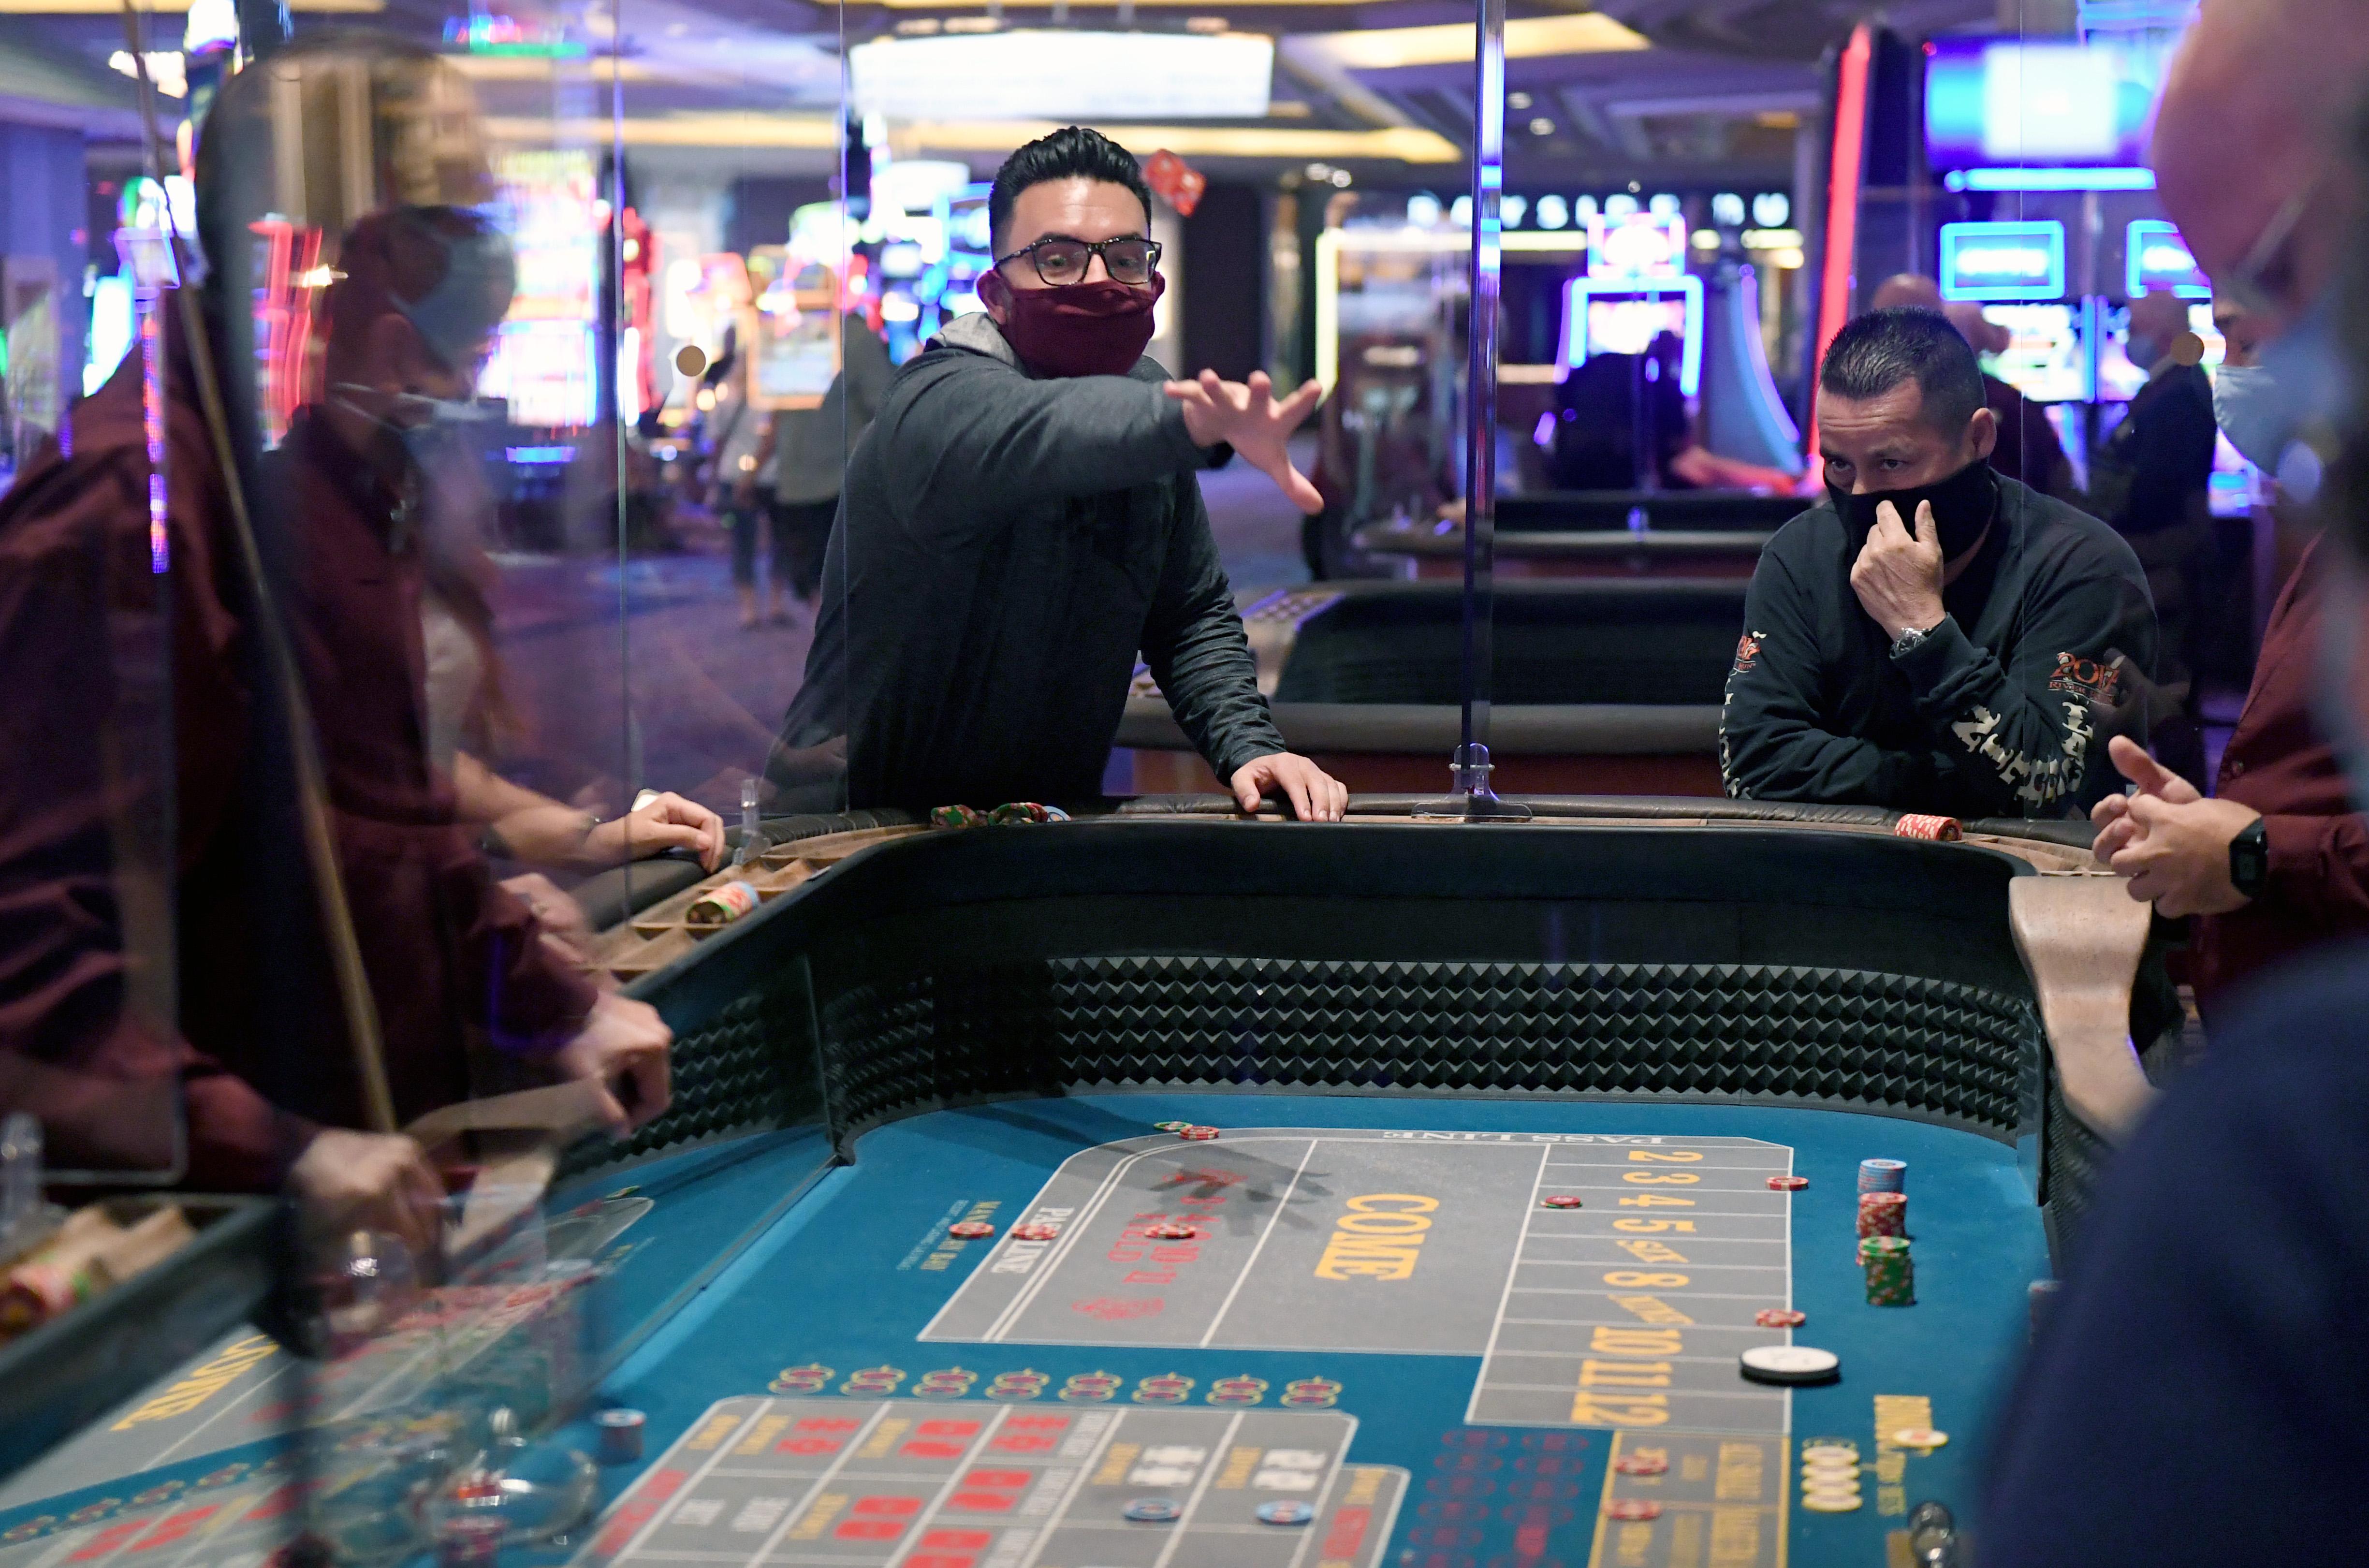 лучшее казино конечно же казино франк